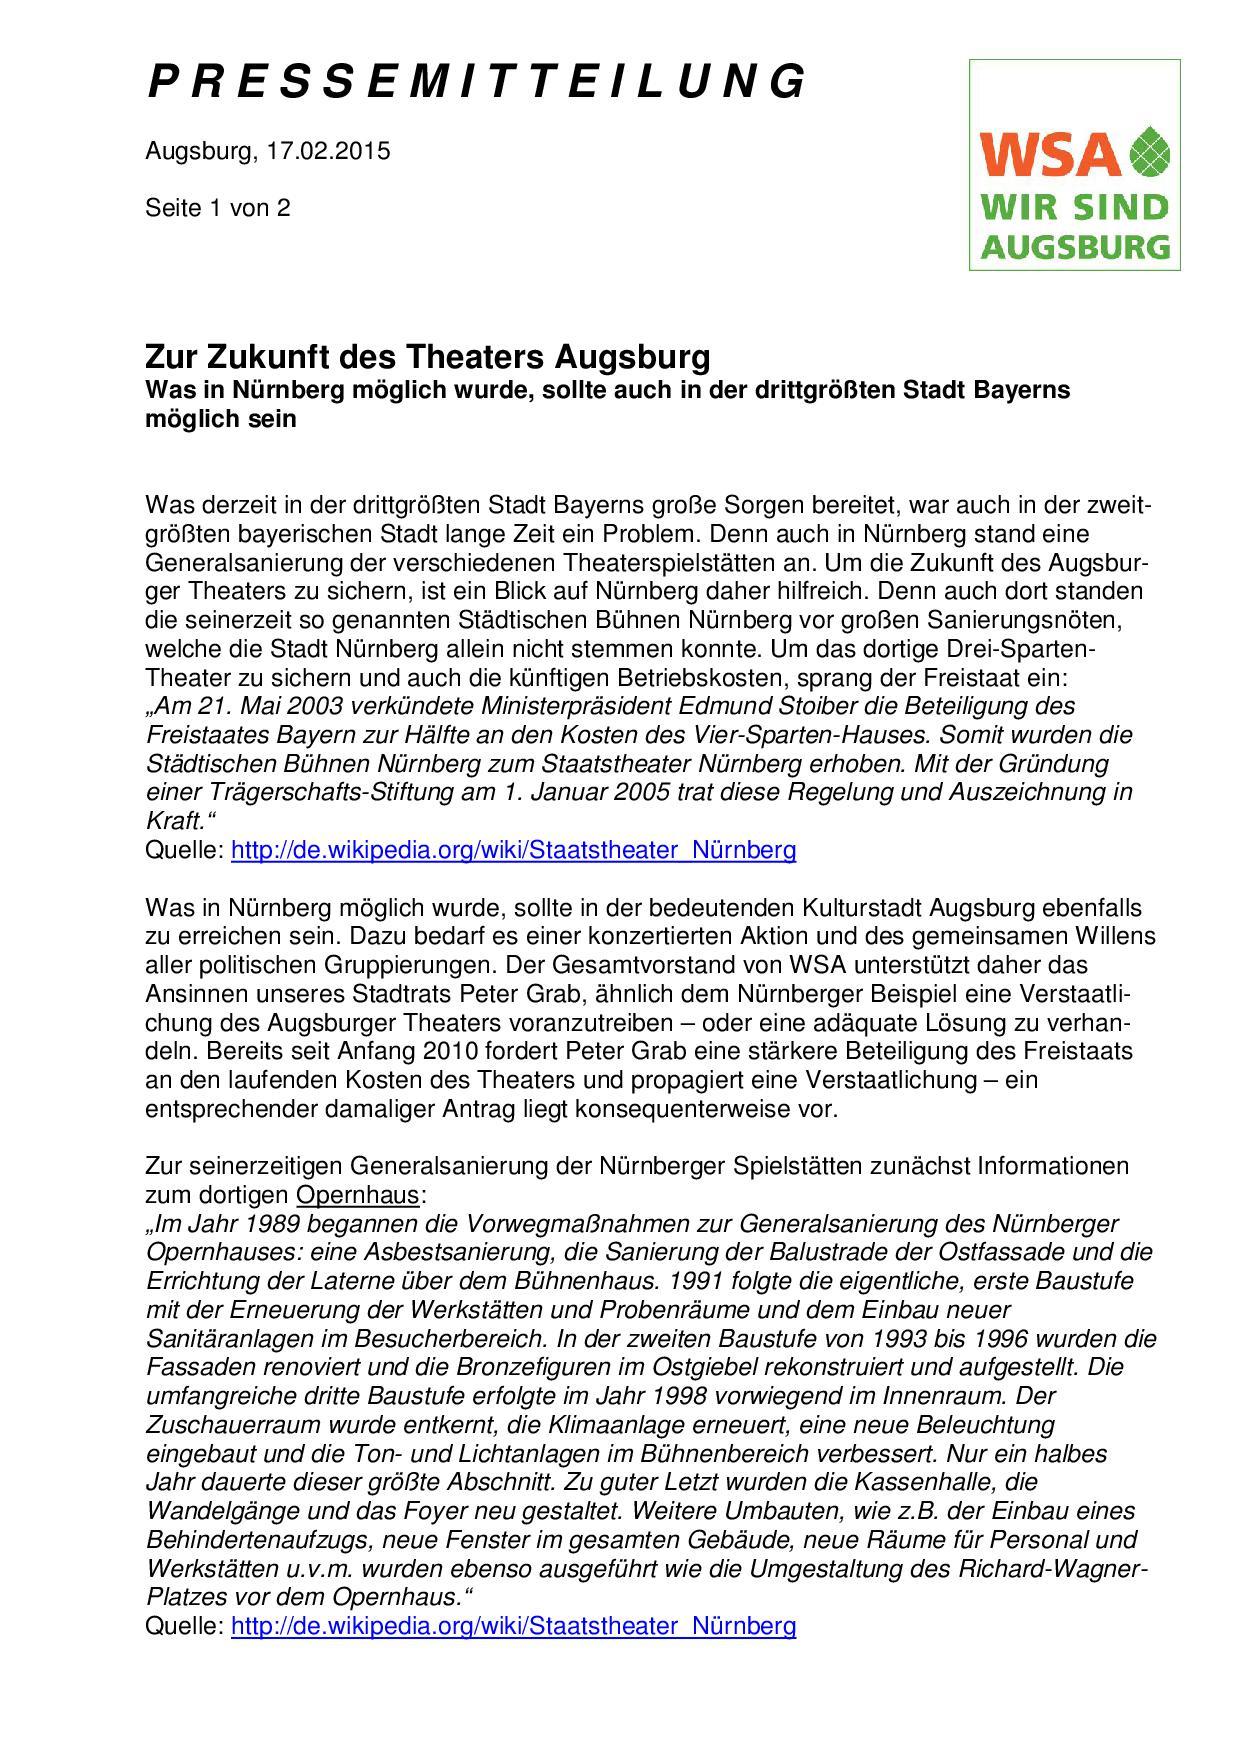 Pressemitteilung 17.2.2015 zur Generalsanierung Theater Augsburg - Seite 1